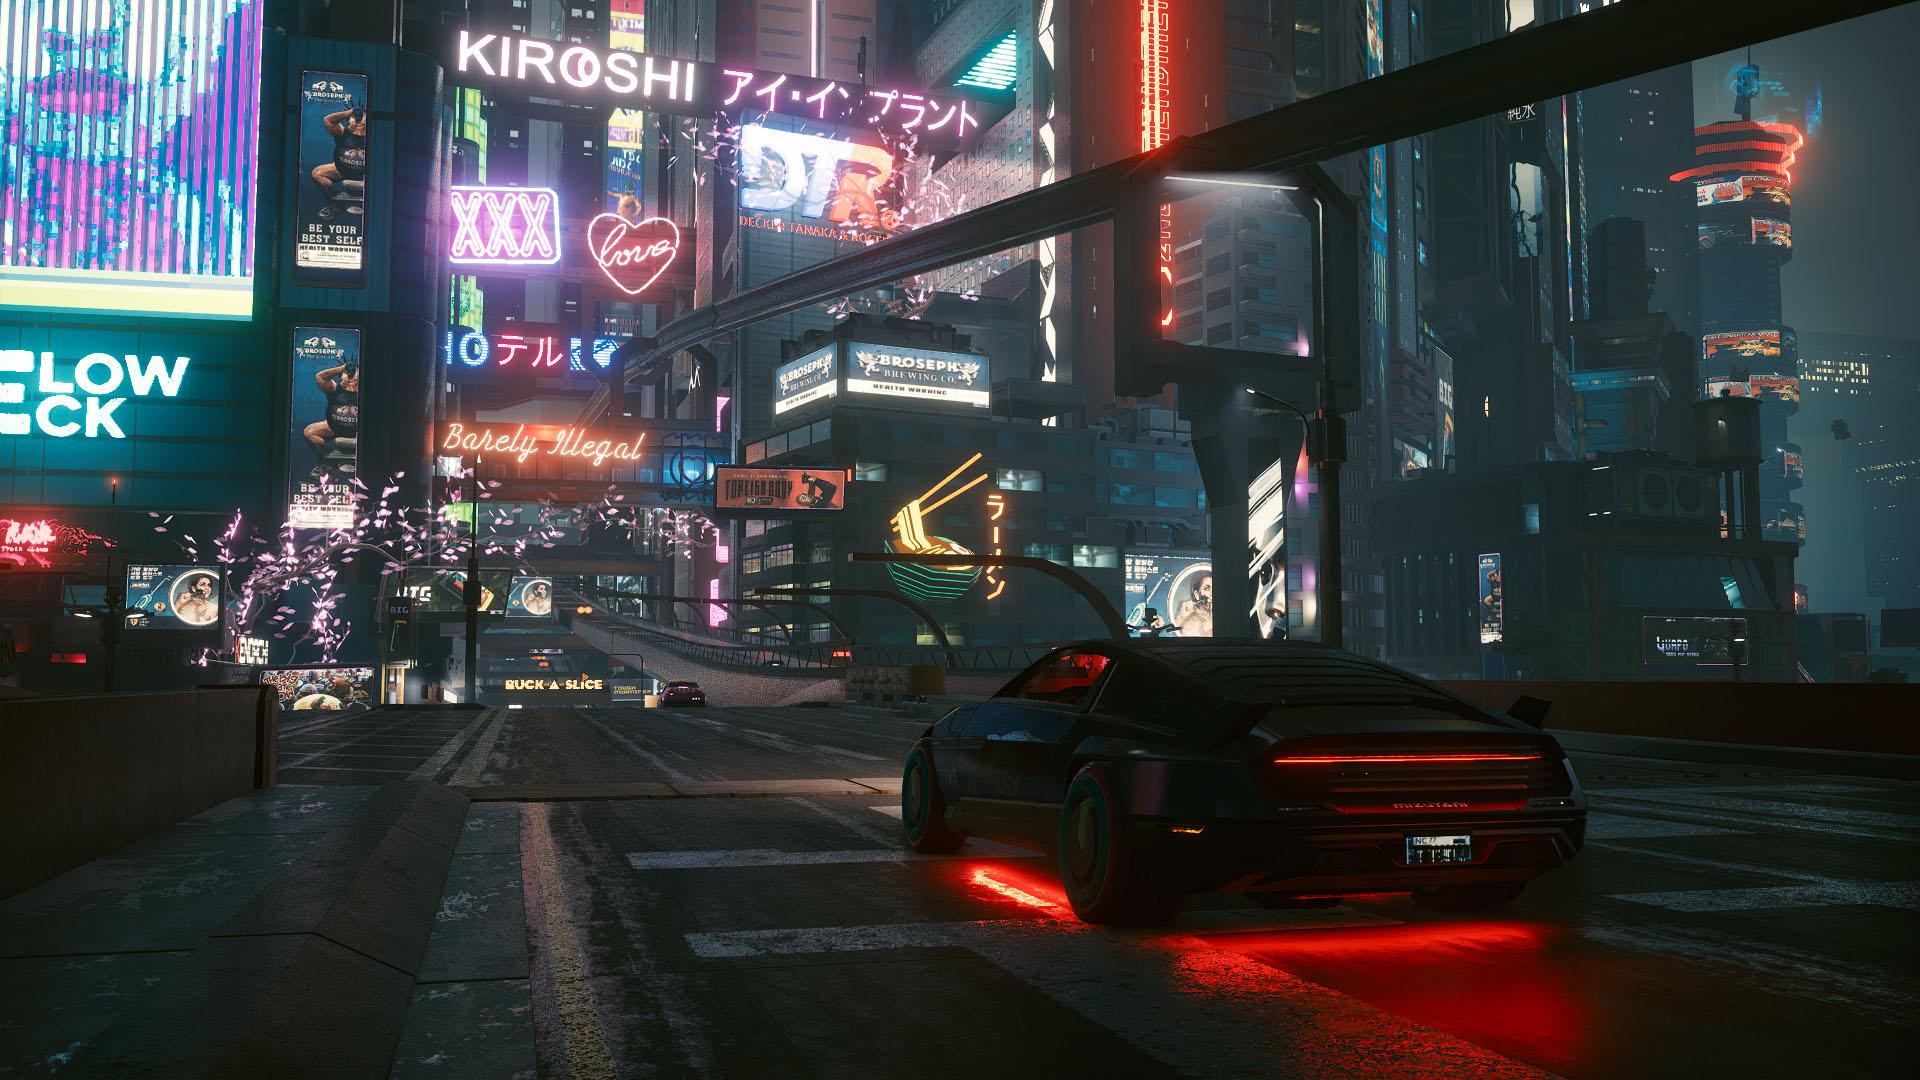 游戏壁纸,主机游戏,赛博朋克2077,未来城市,夜景